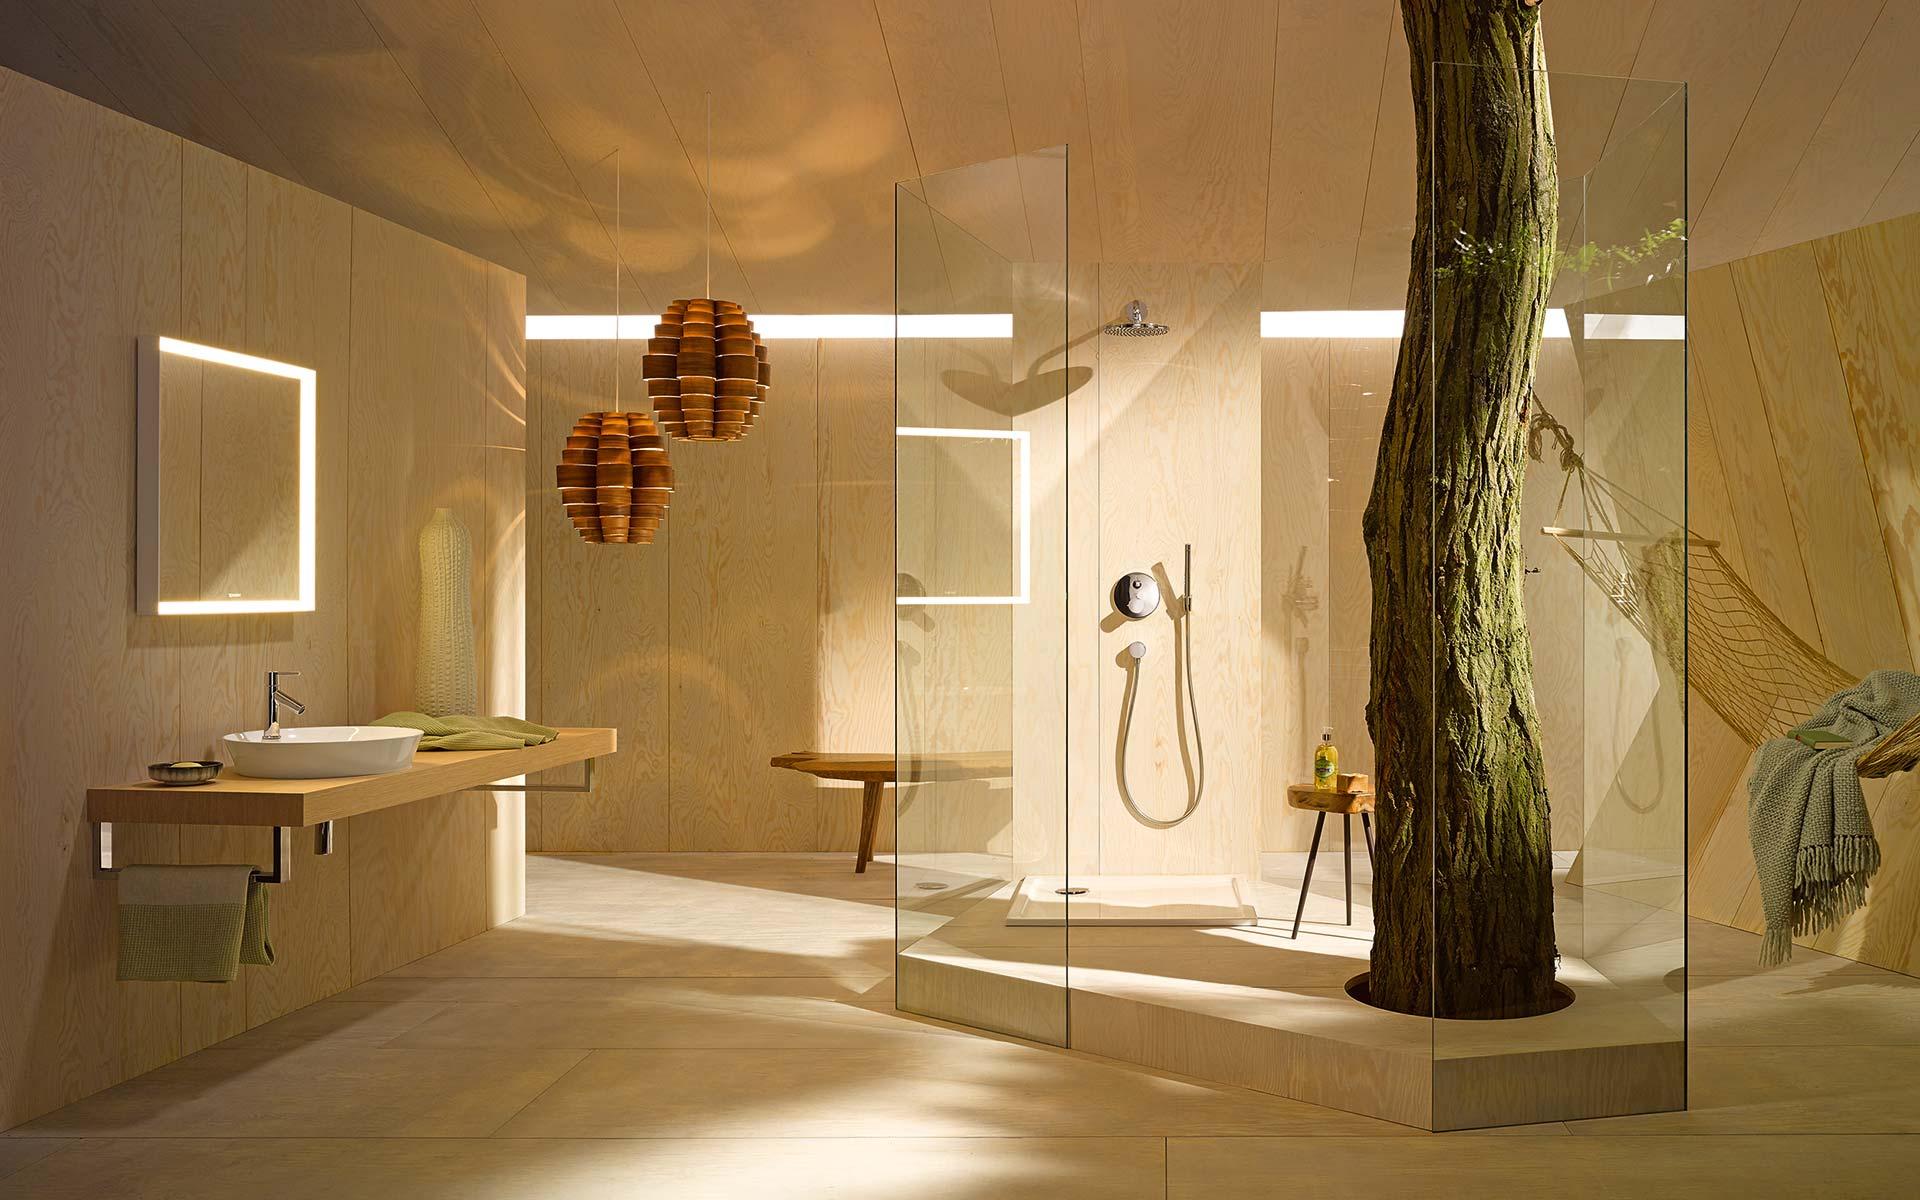 Badeinrichtung individuelle beratung und planung for Einrichtung badezimmer planung